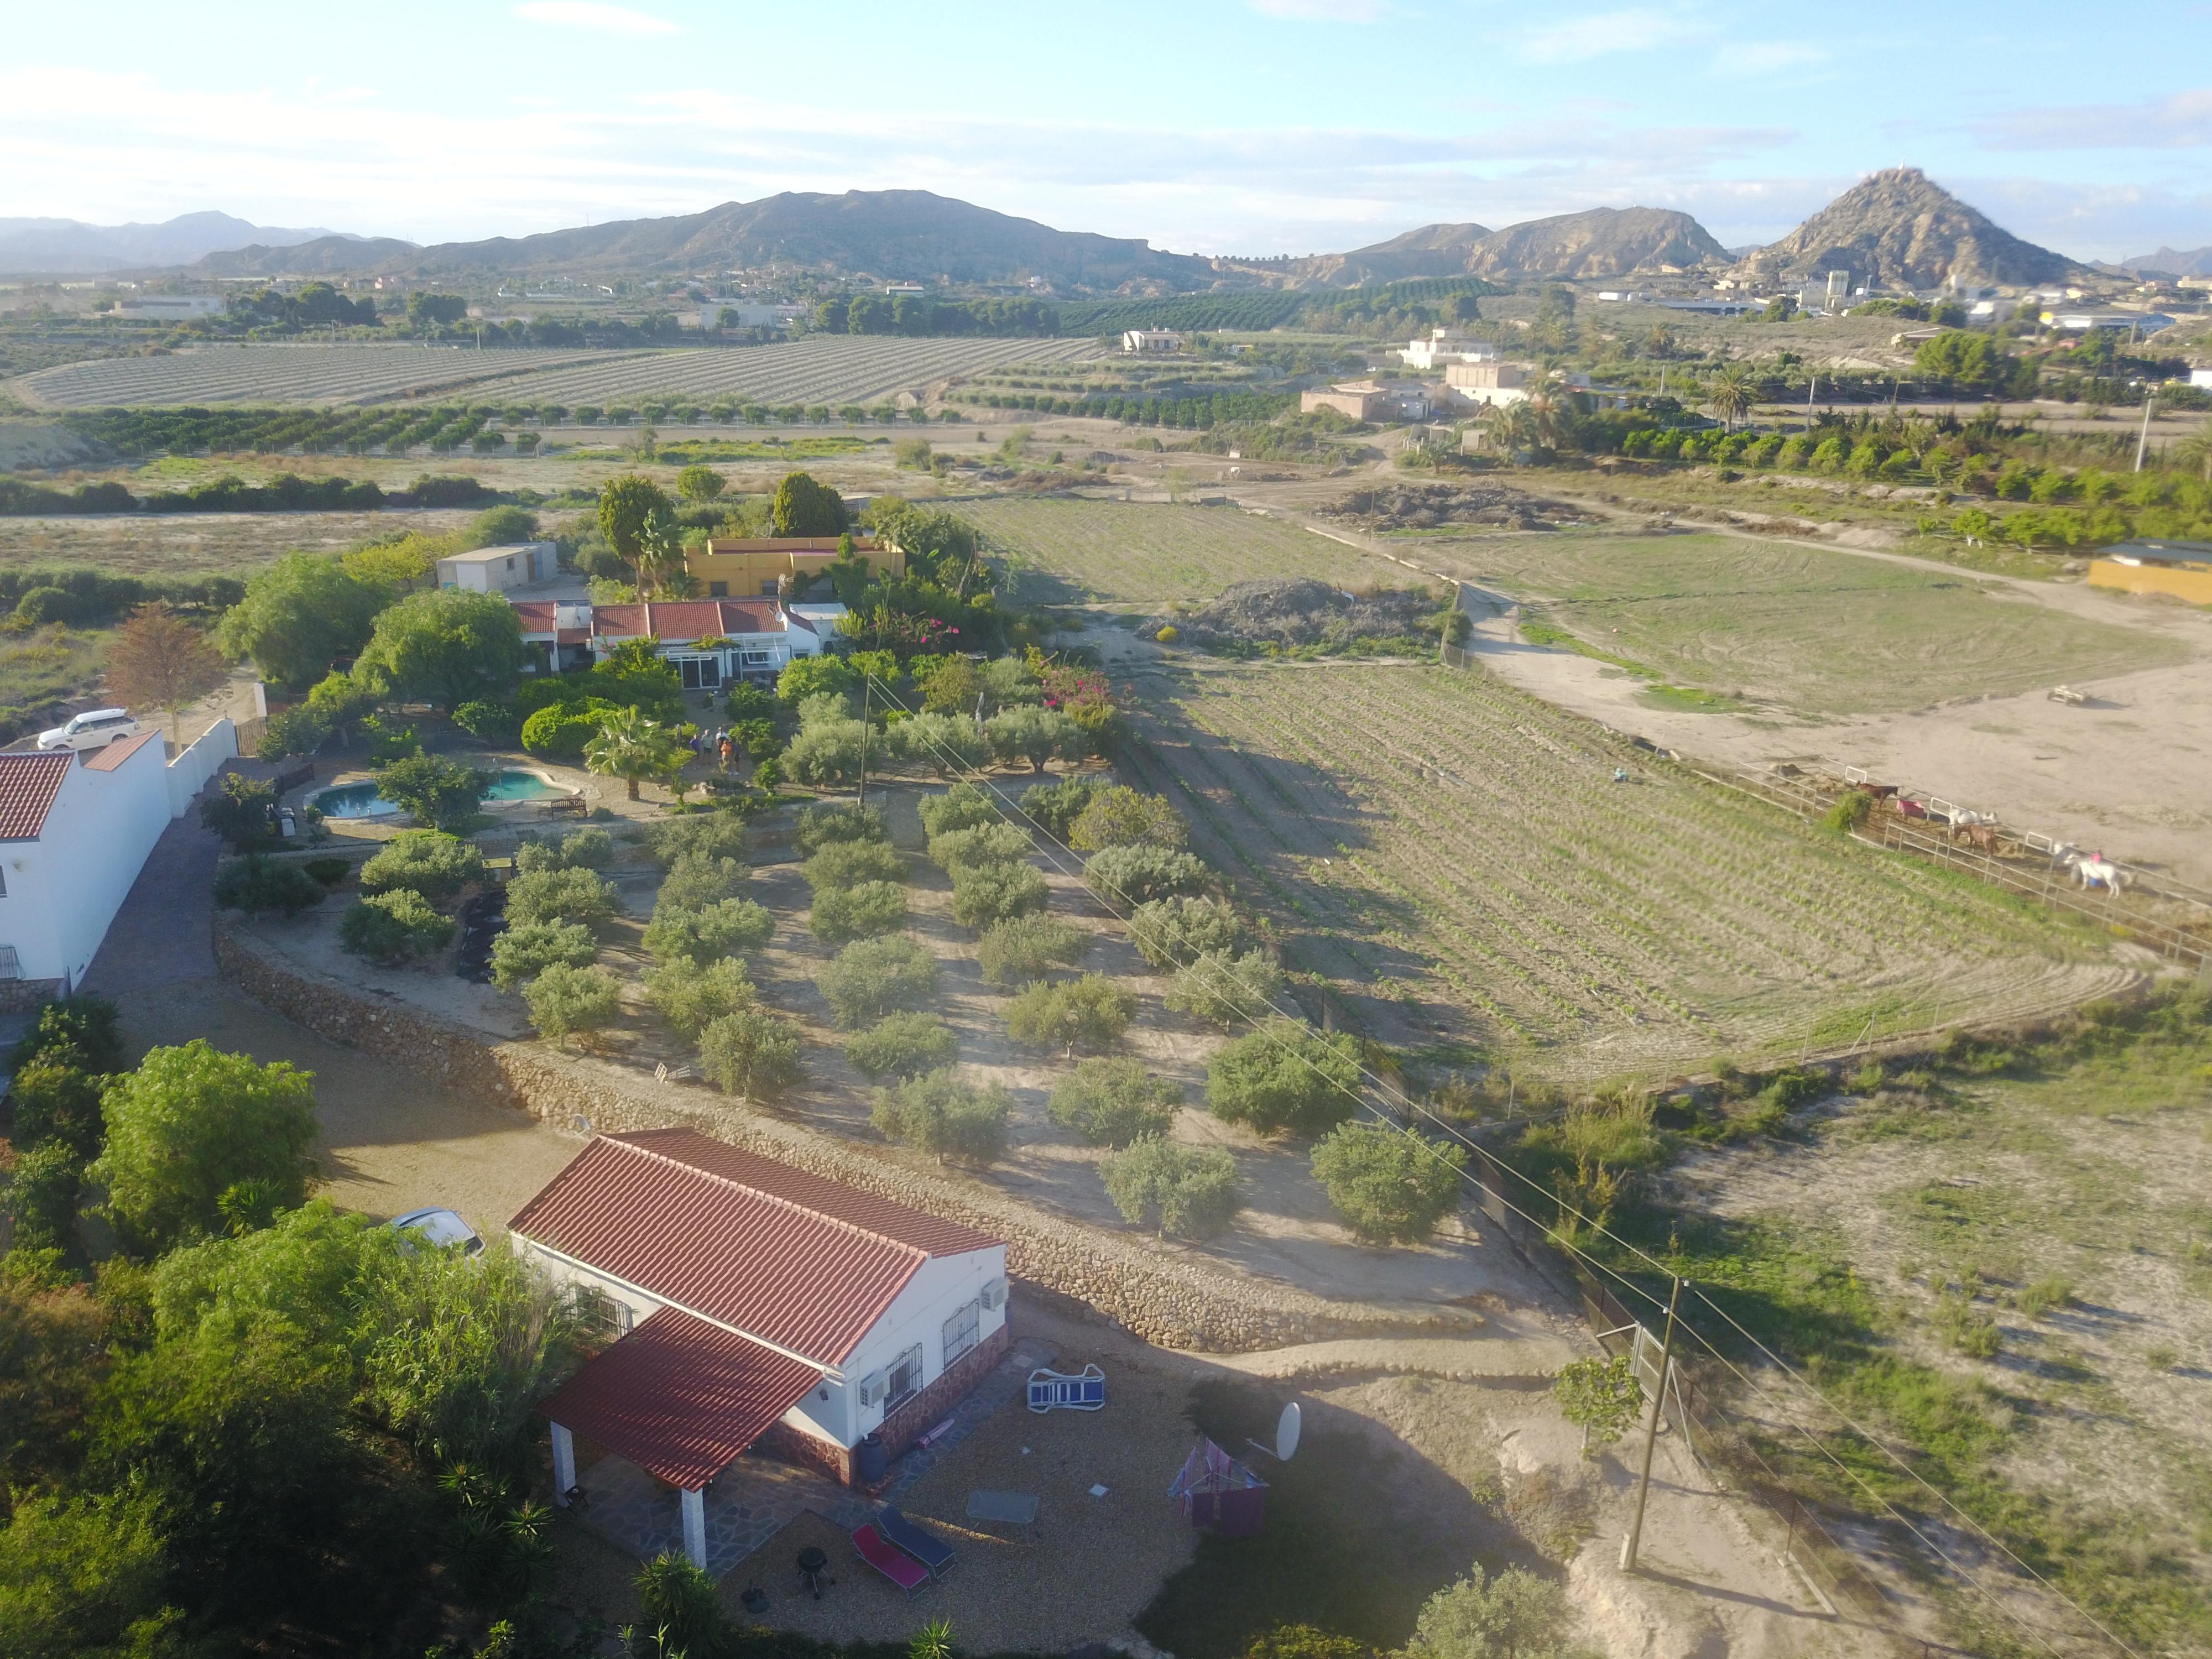 Finca Arboleda Aerial shot